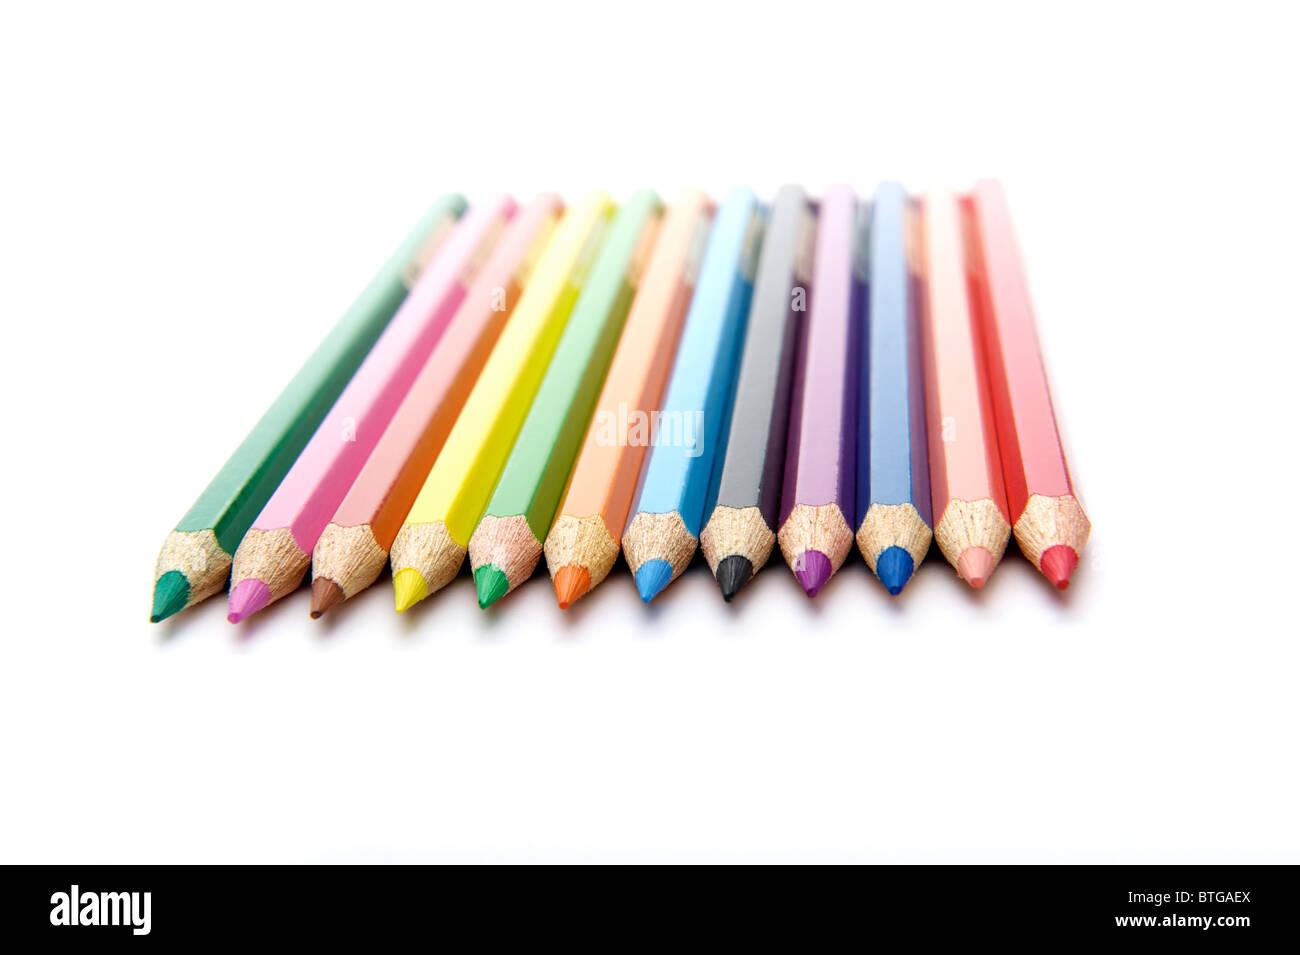 horizontal row of twelve colored pencils Stock Photo